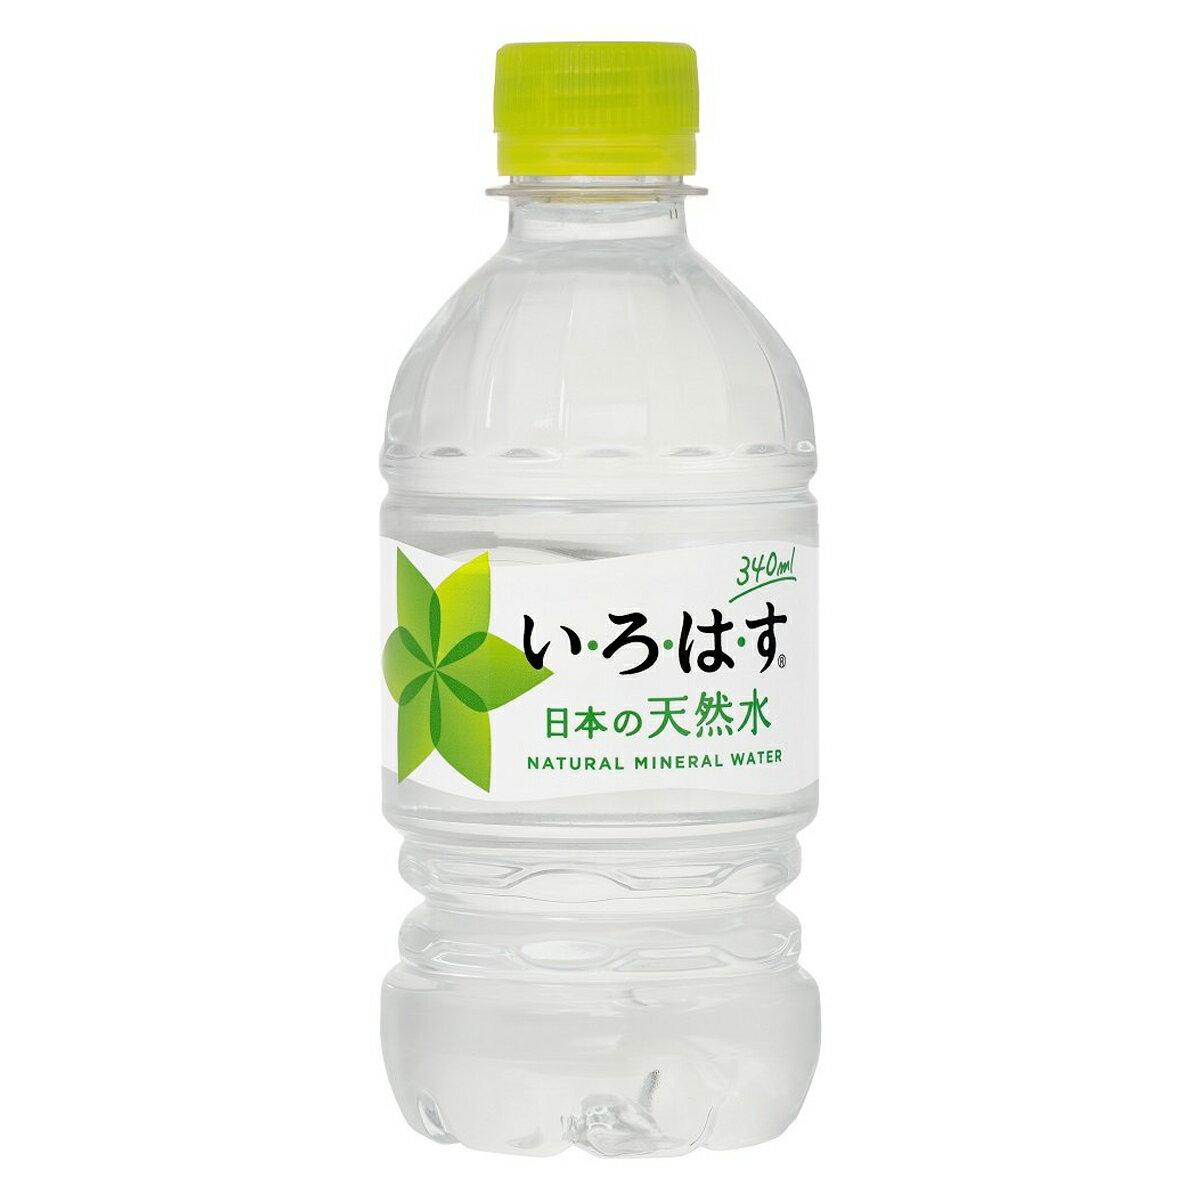 【2ケースセット】コカ・コーラ い・ろ・は・す いろはす 340mL PET 飲料 飲み物 ソフトドリンク ミネラルウォーター 水 ペットボトル 24本×2ケース 買い回り 買い周り 買いまわり ポイント消化